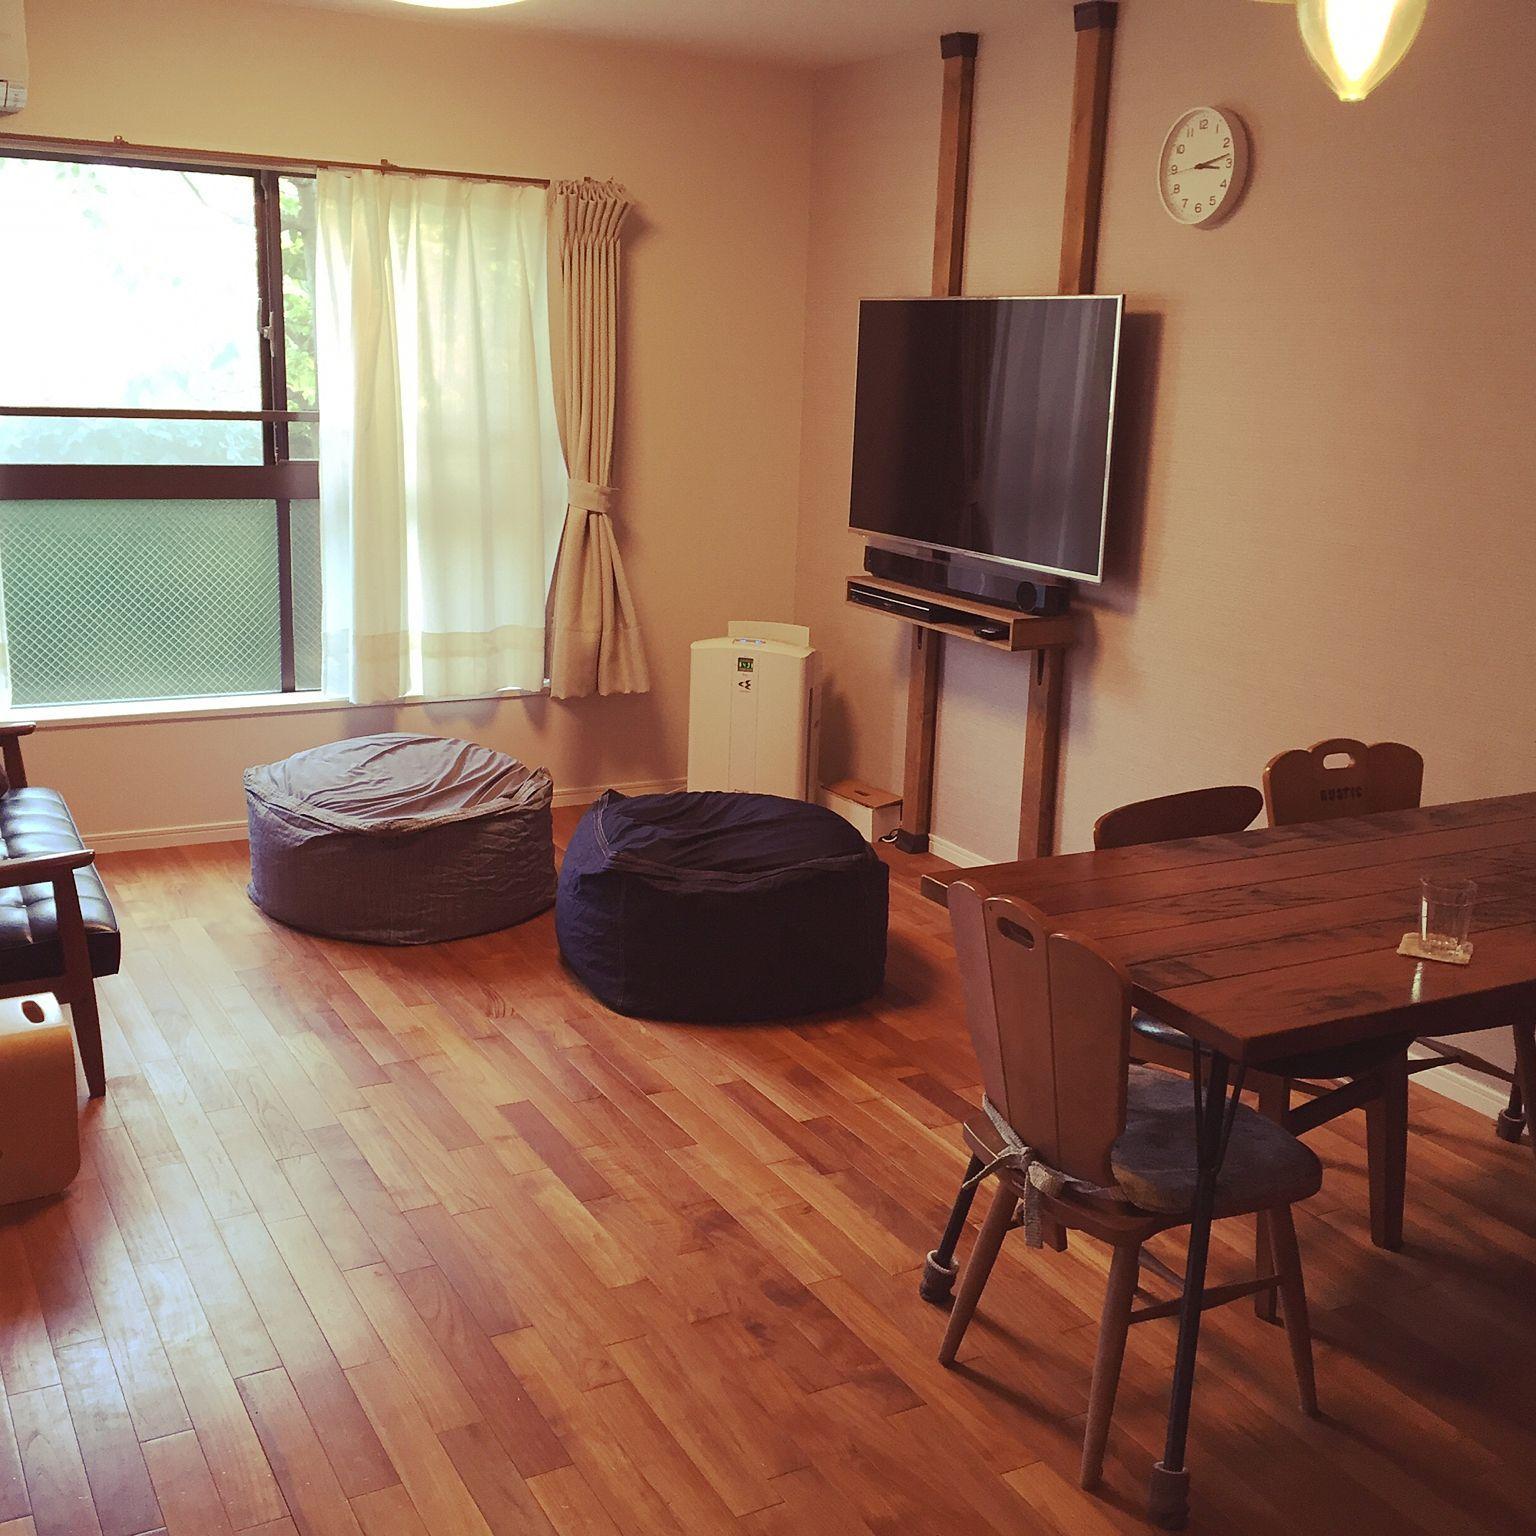 Pin By Chirine Khalaf On Home Interior: 4LDK、家族住まいの無印良品/DIY/ディアウォール/シンプル/リビングについてのインテリア実例を紹介。